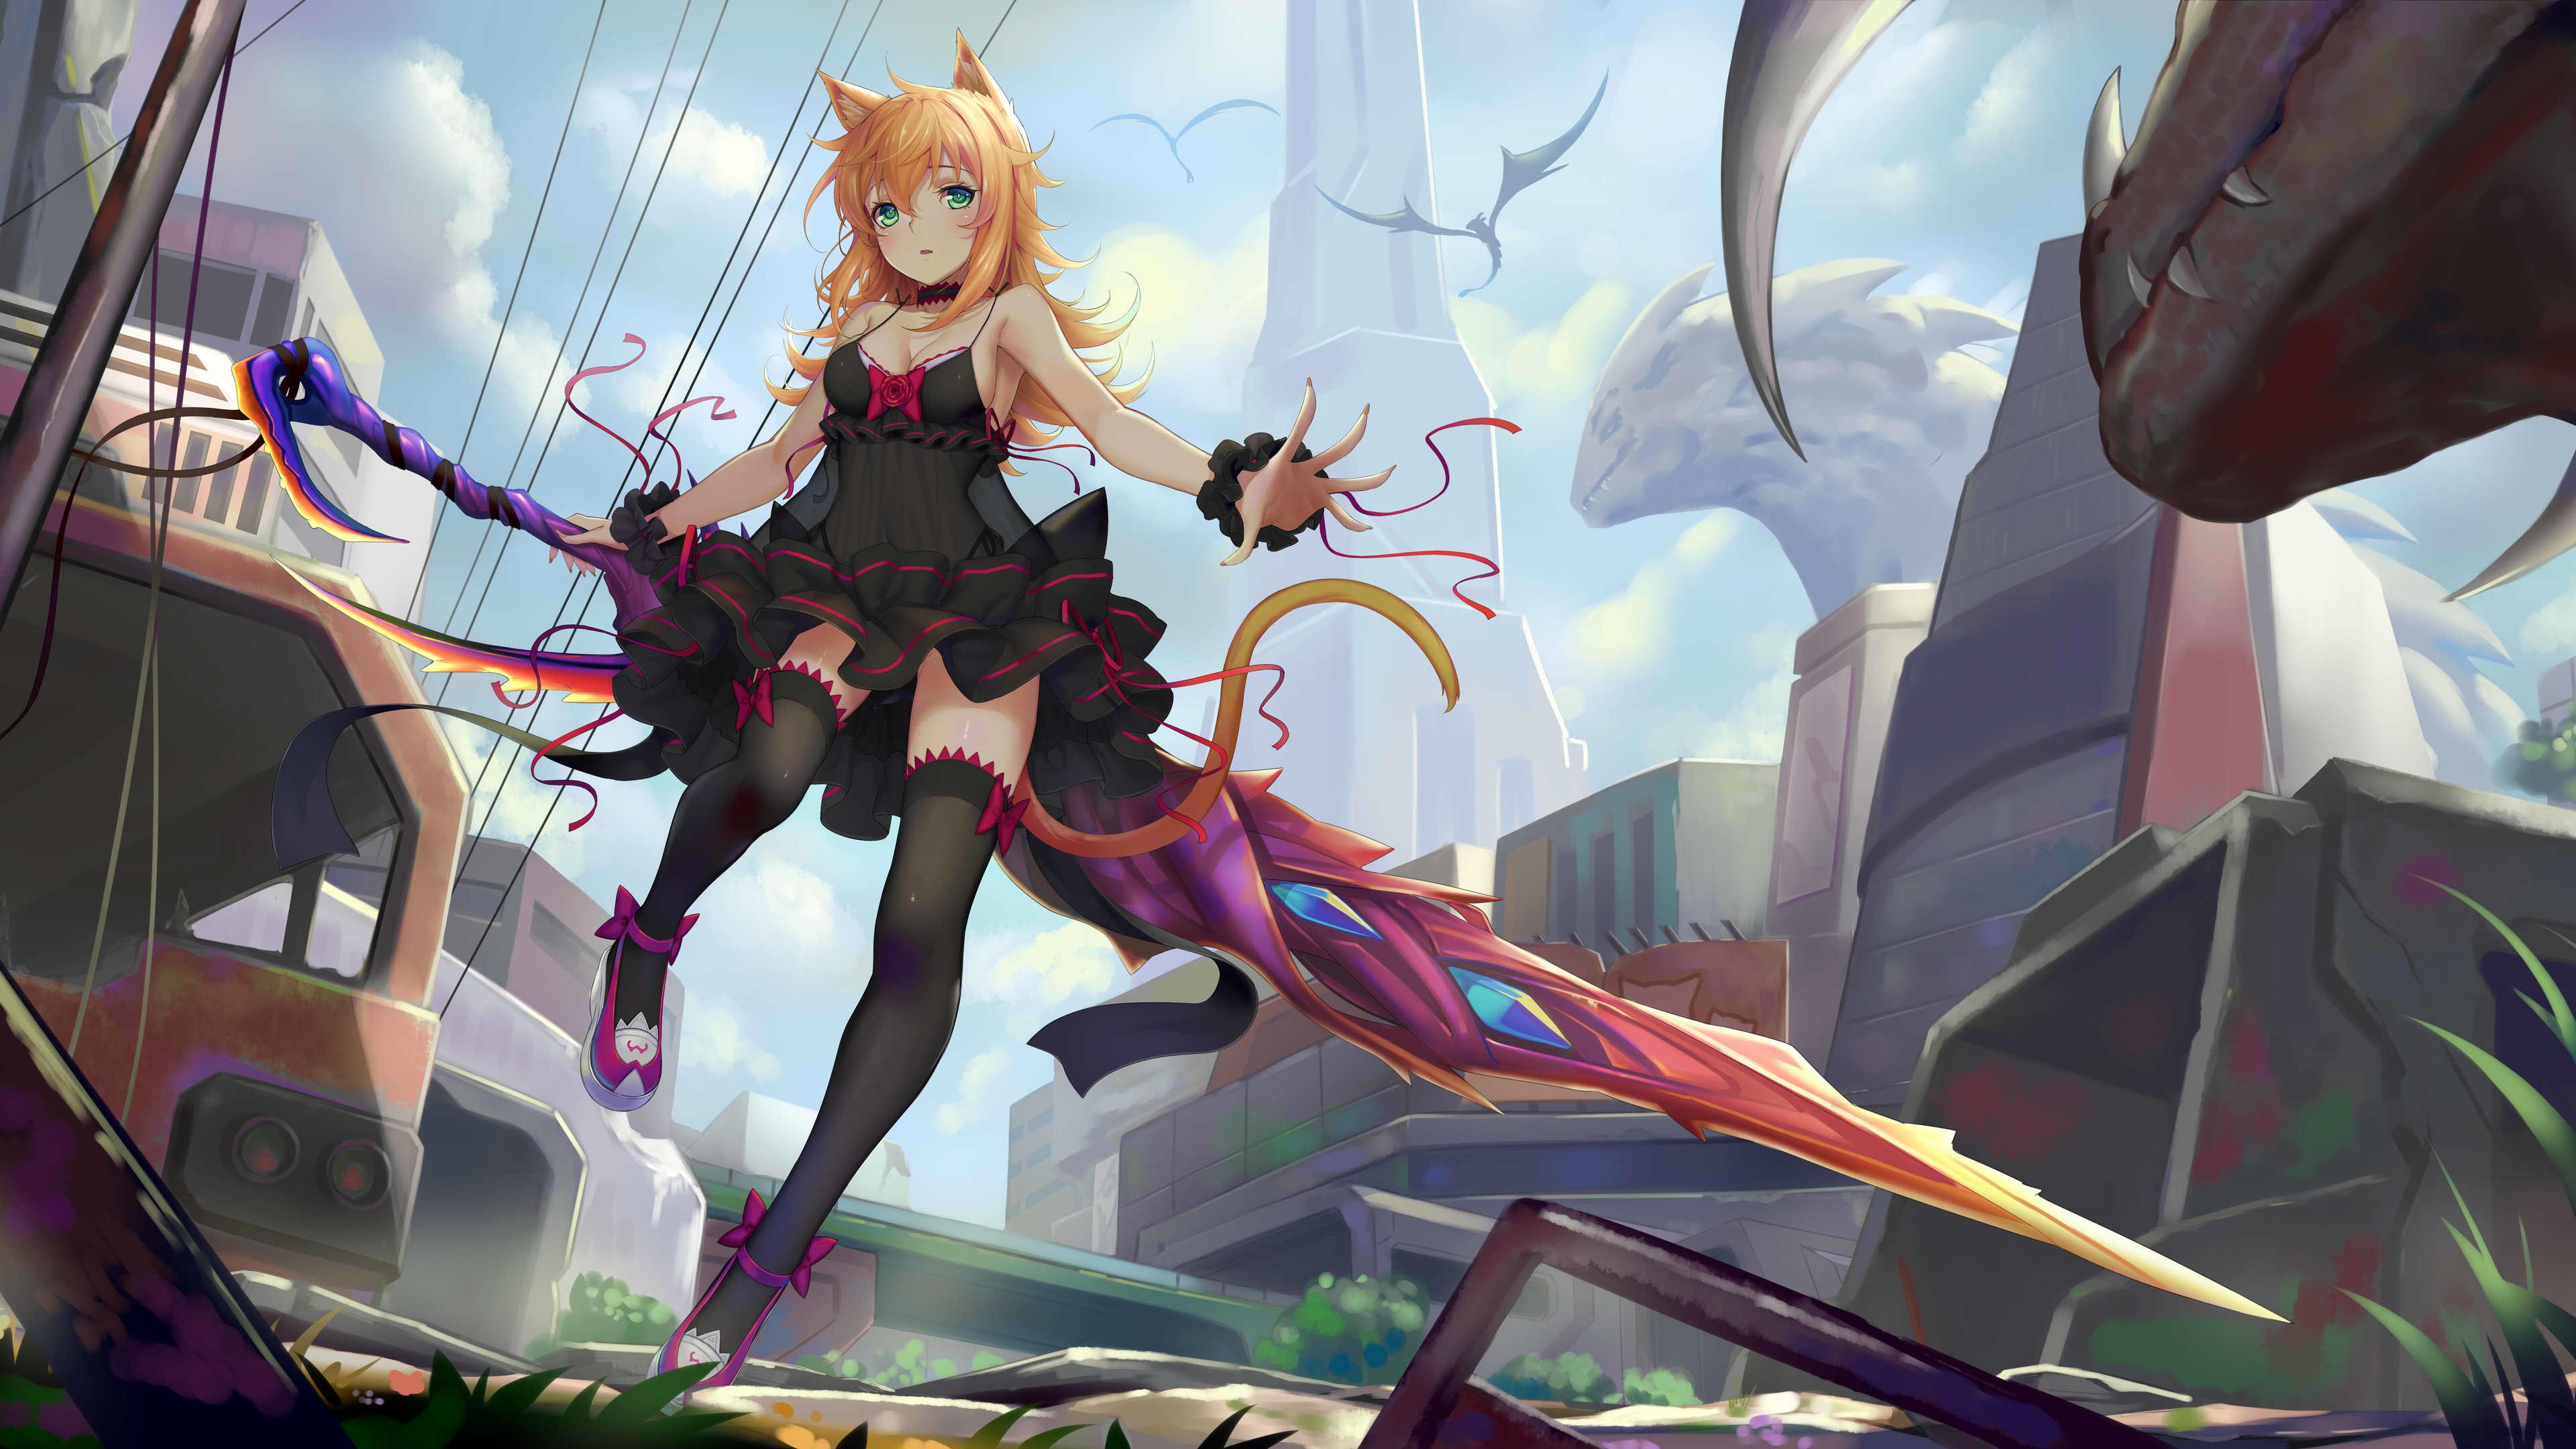 Wallpaper 4k Anime Women Sword 4k 4k Wallpapers Anime Girl